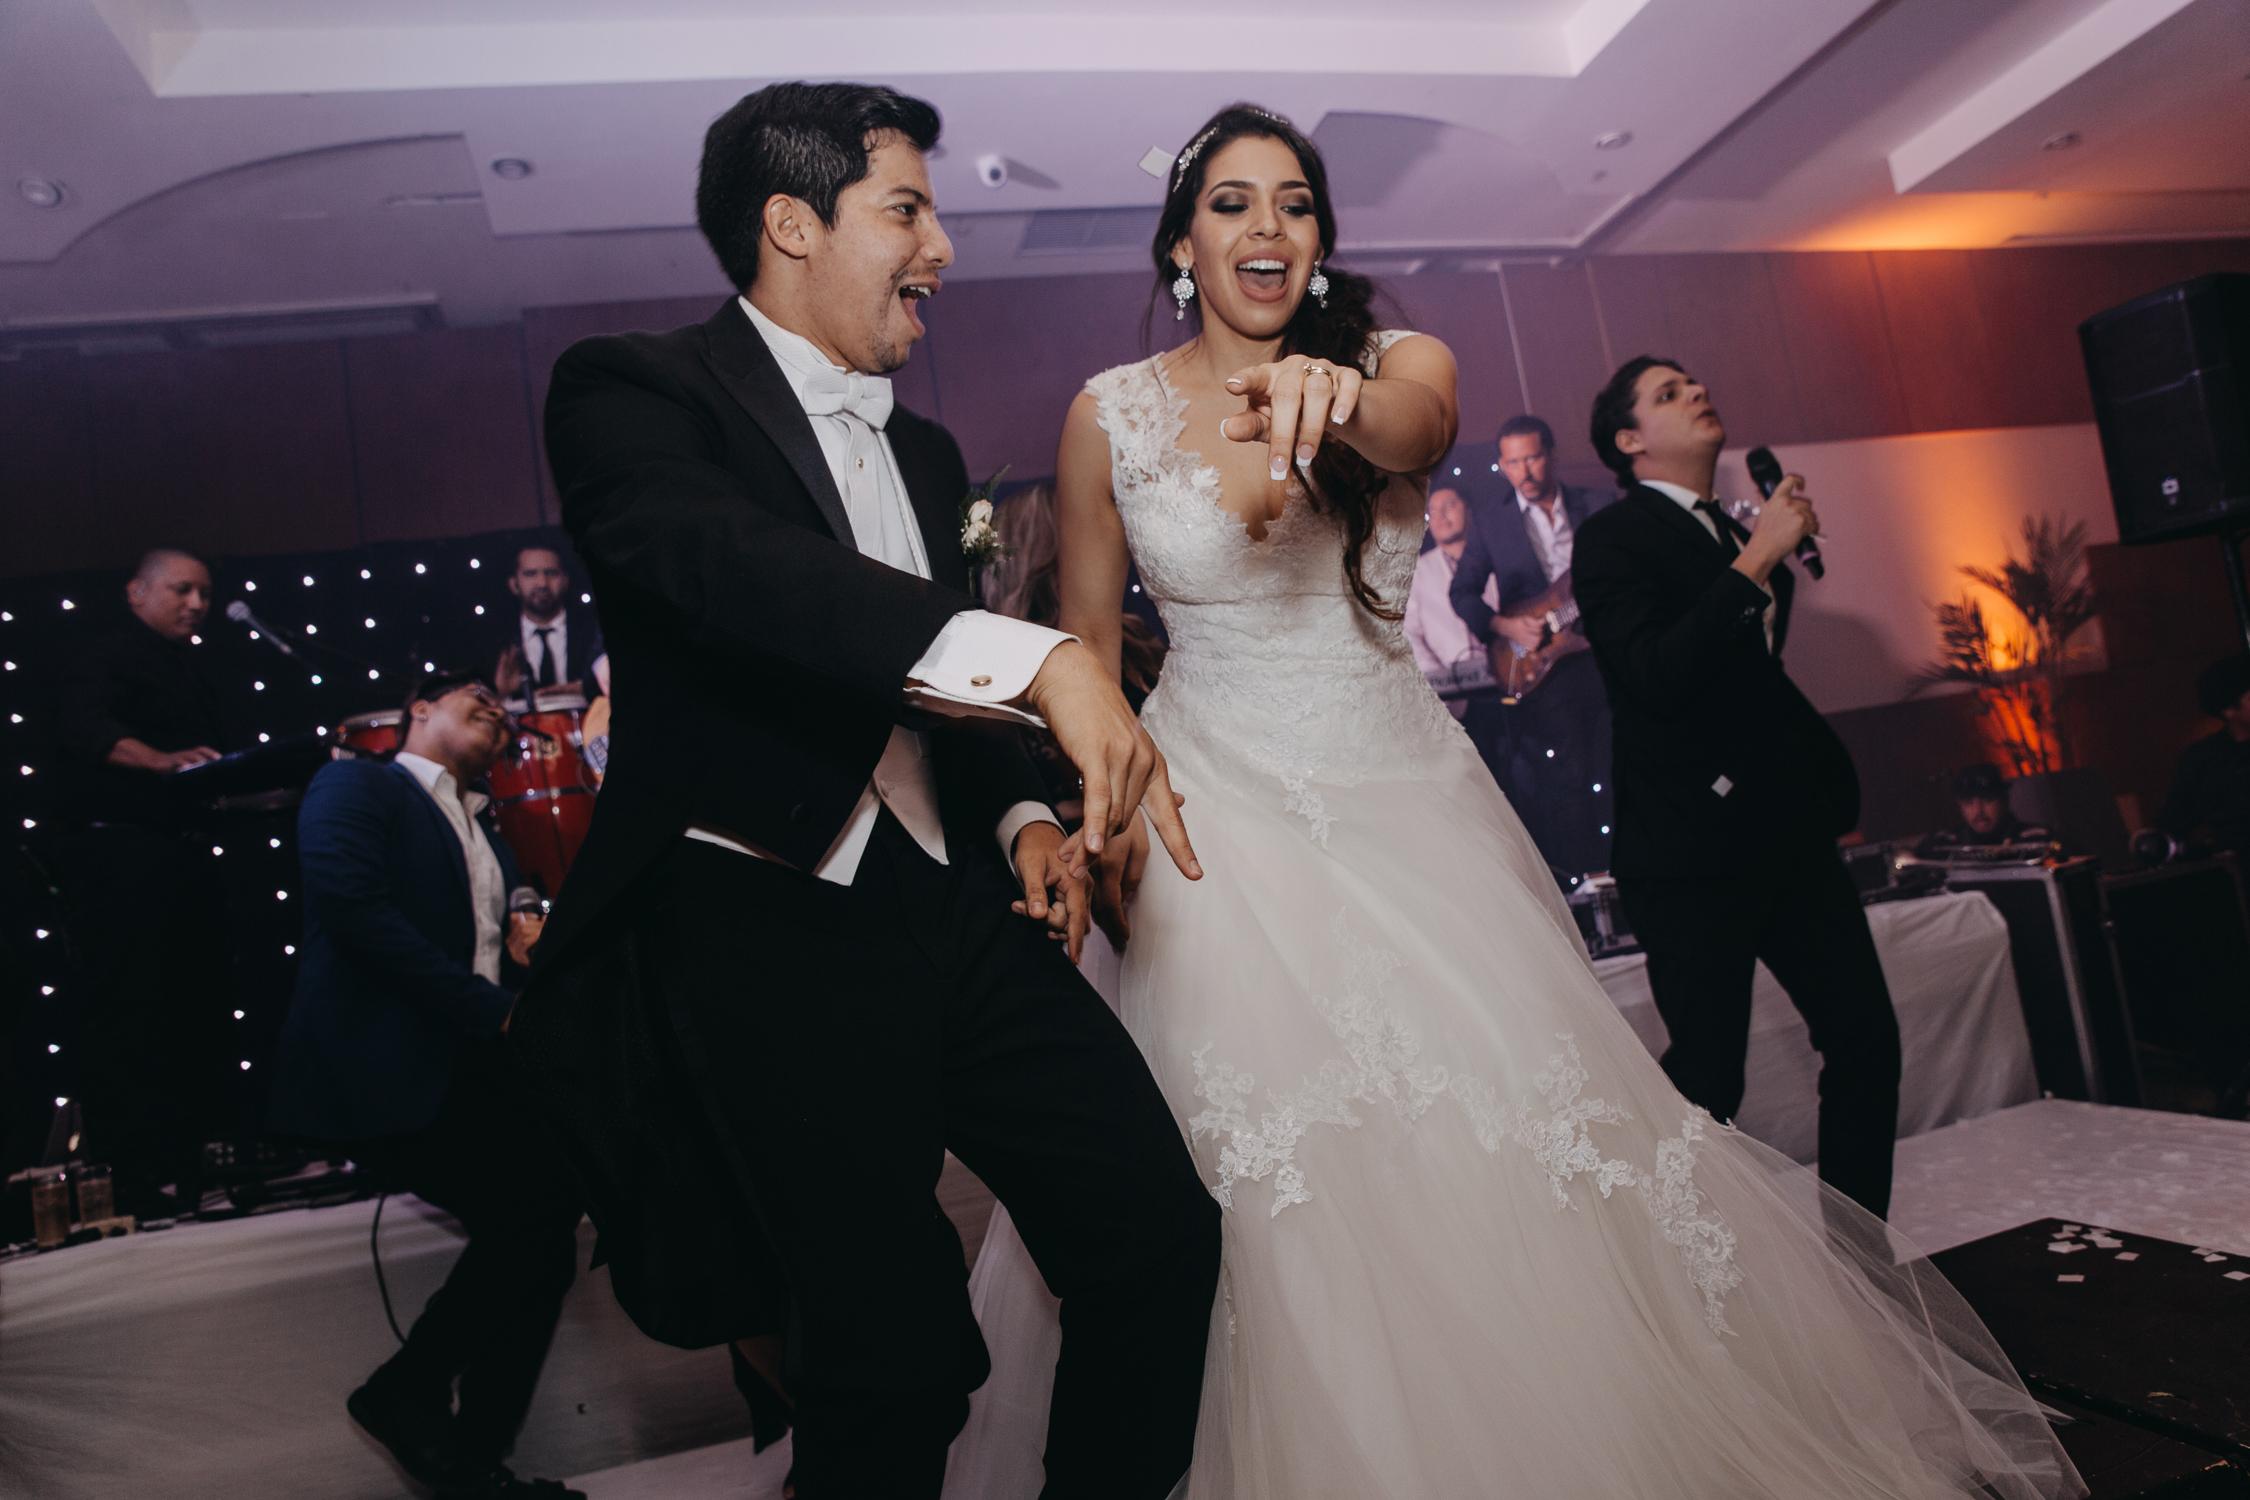 Michelle-Agurto-Fotografia-Bodas-Ecuador-Destination-Wedding-Photographer-Patricia-Guido-330.JPG